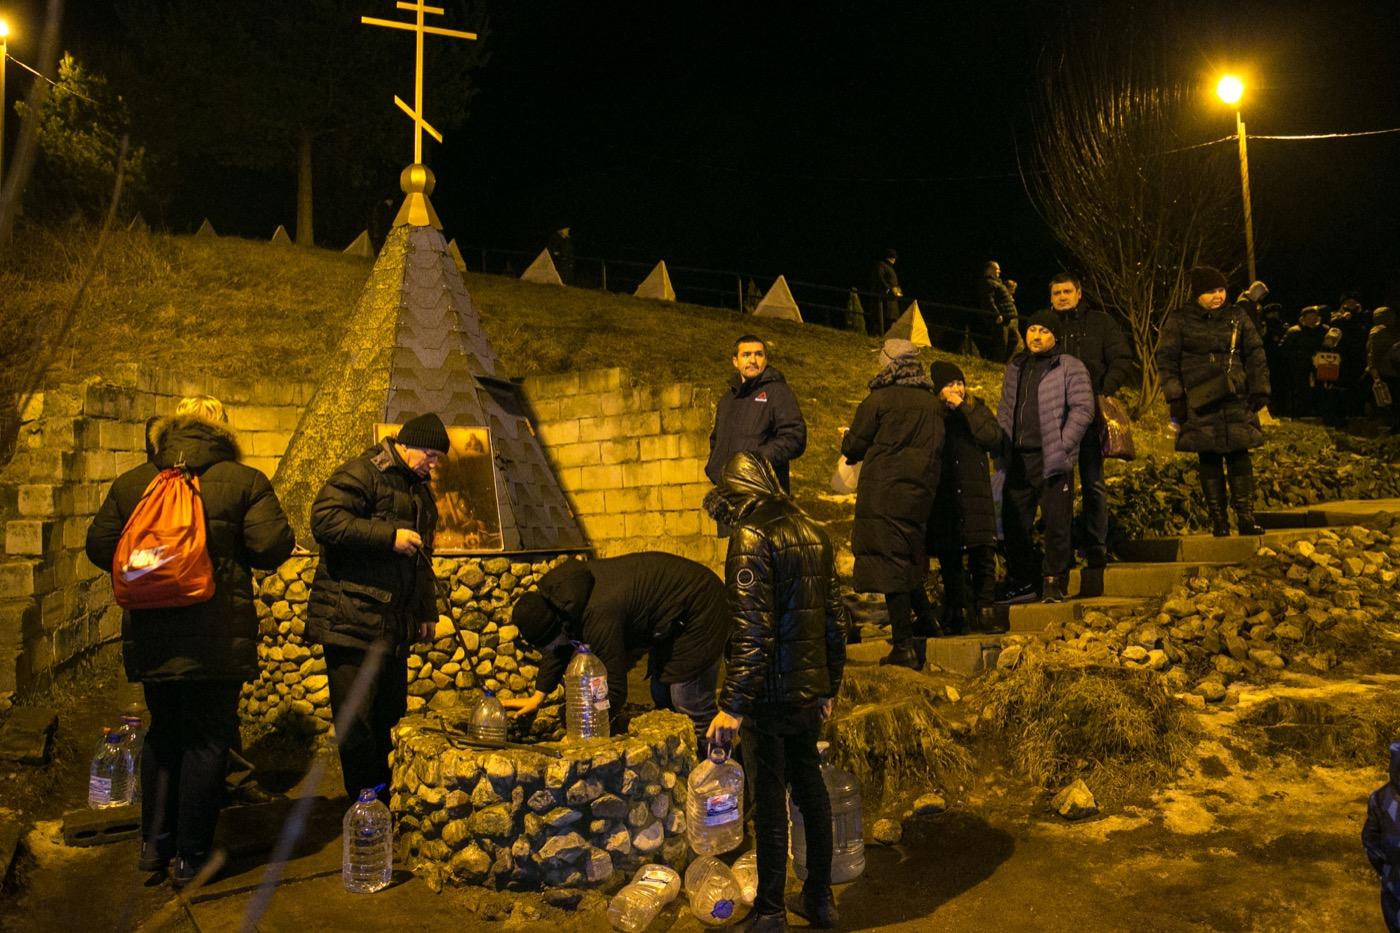 Новости Коломны   Ночью в Крещенских купаниях в Коломенском городском округе приняли участие более 1400 человек Фото (Коломна)   iz zhizni kolomnyi